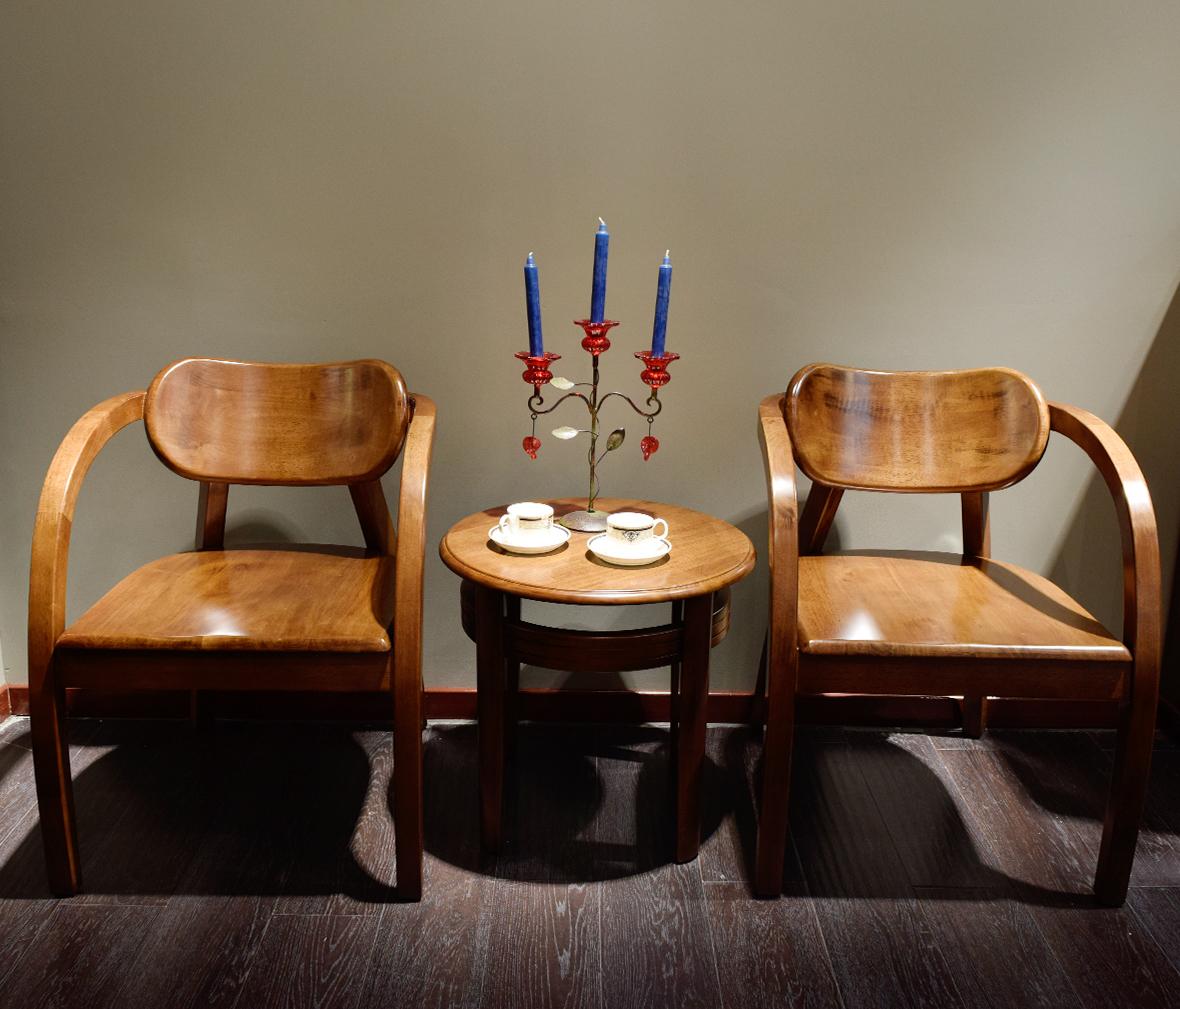 摩纳戈家具 h1601型号休闲几 胡桃楸木材质 德式简约风格 实木家具